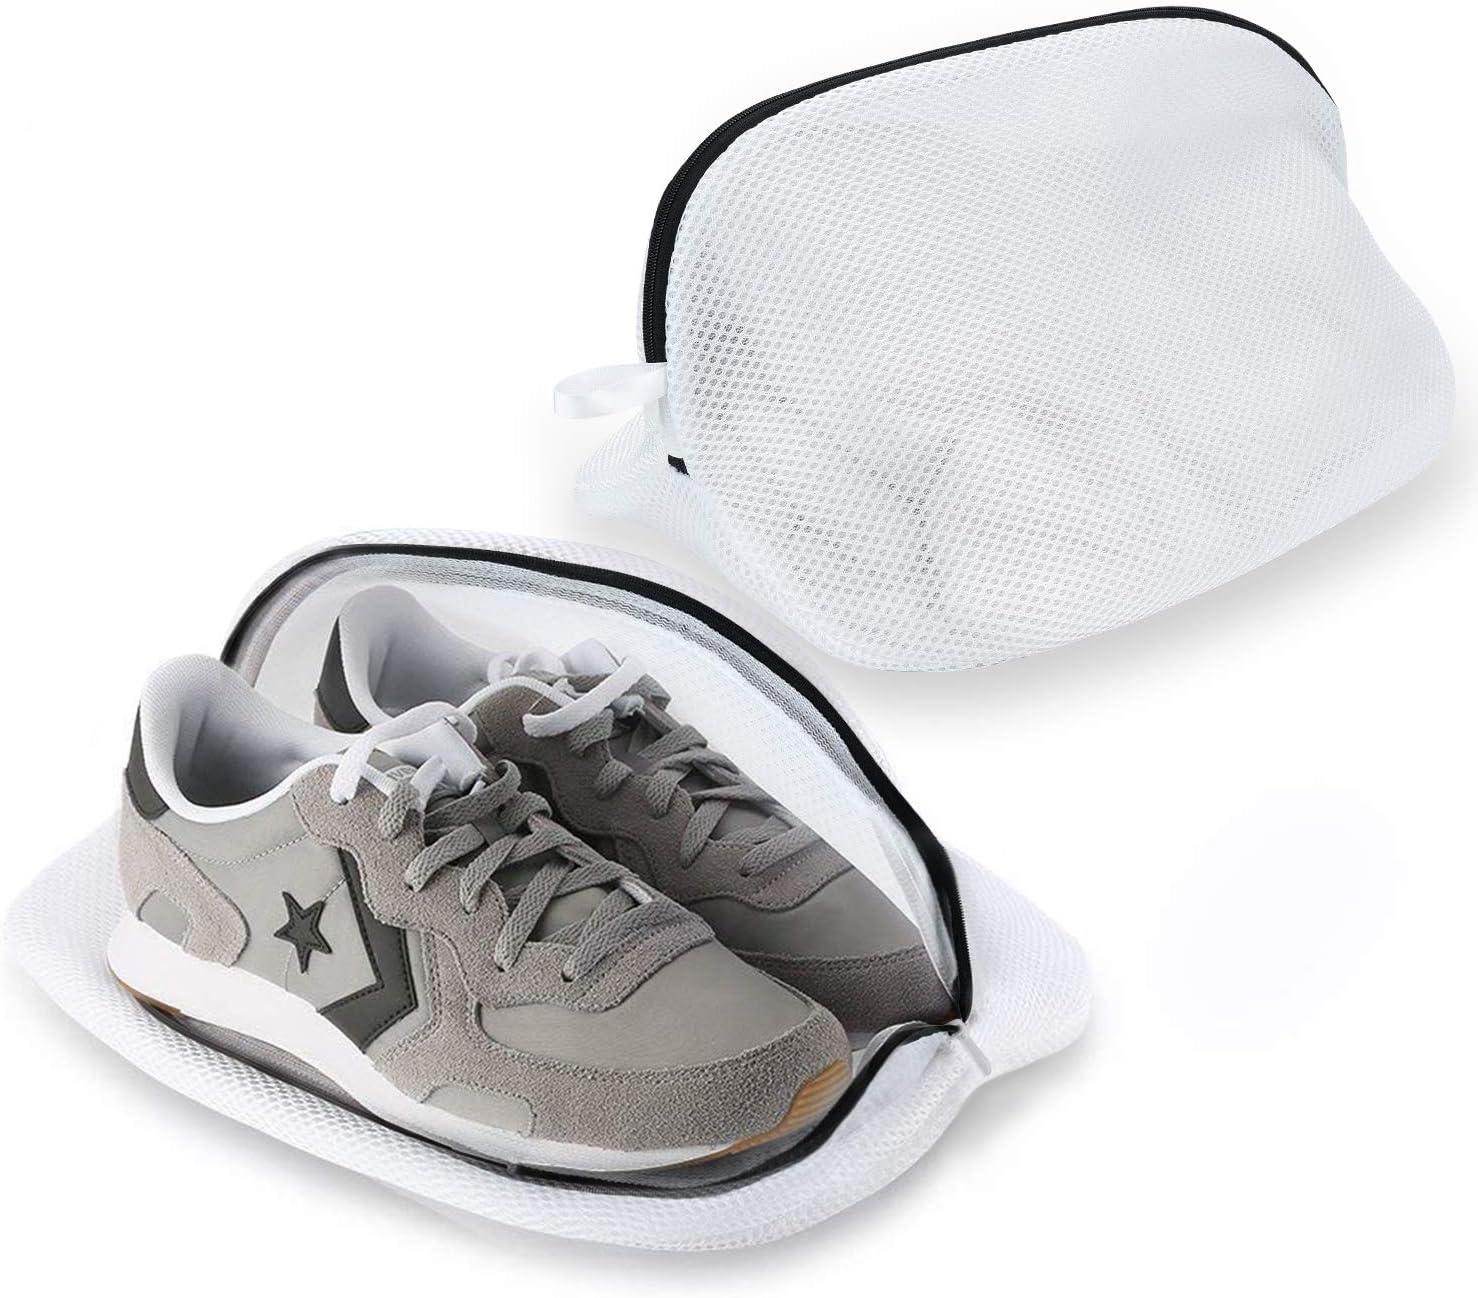 Yizhet 2 Bolsas Premium de Malla de Lavandería para Zapatos/Zapatos de Deporte para Lavadora con Cremallera Duradera, Bolsa de Lavado de Alta protección para Almacenamiento y Viaje